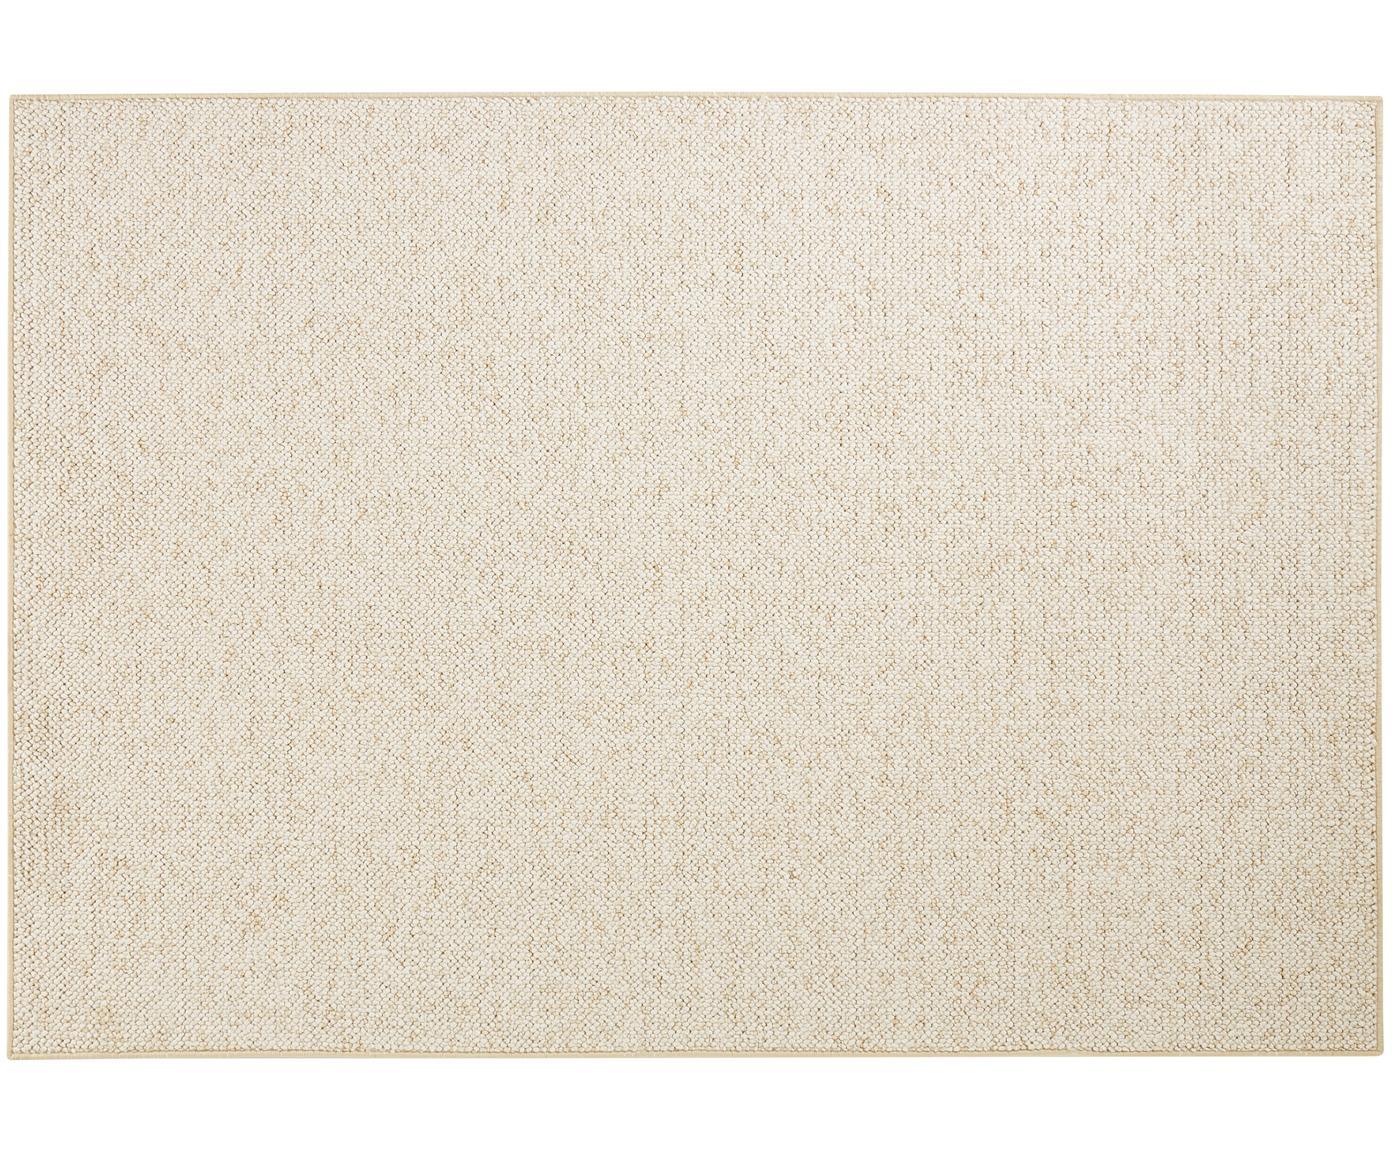 Dywan z widoczną strukturą Lyon, Kremowy, mieszany, S 100 x D 140 cm (Rozmiar XS)